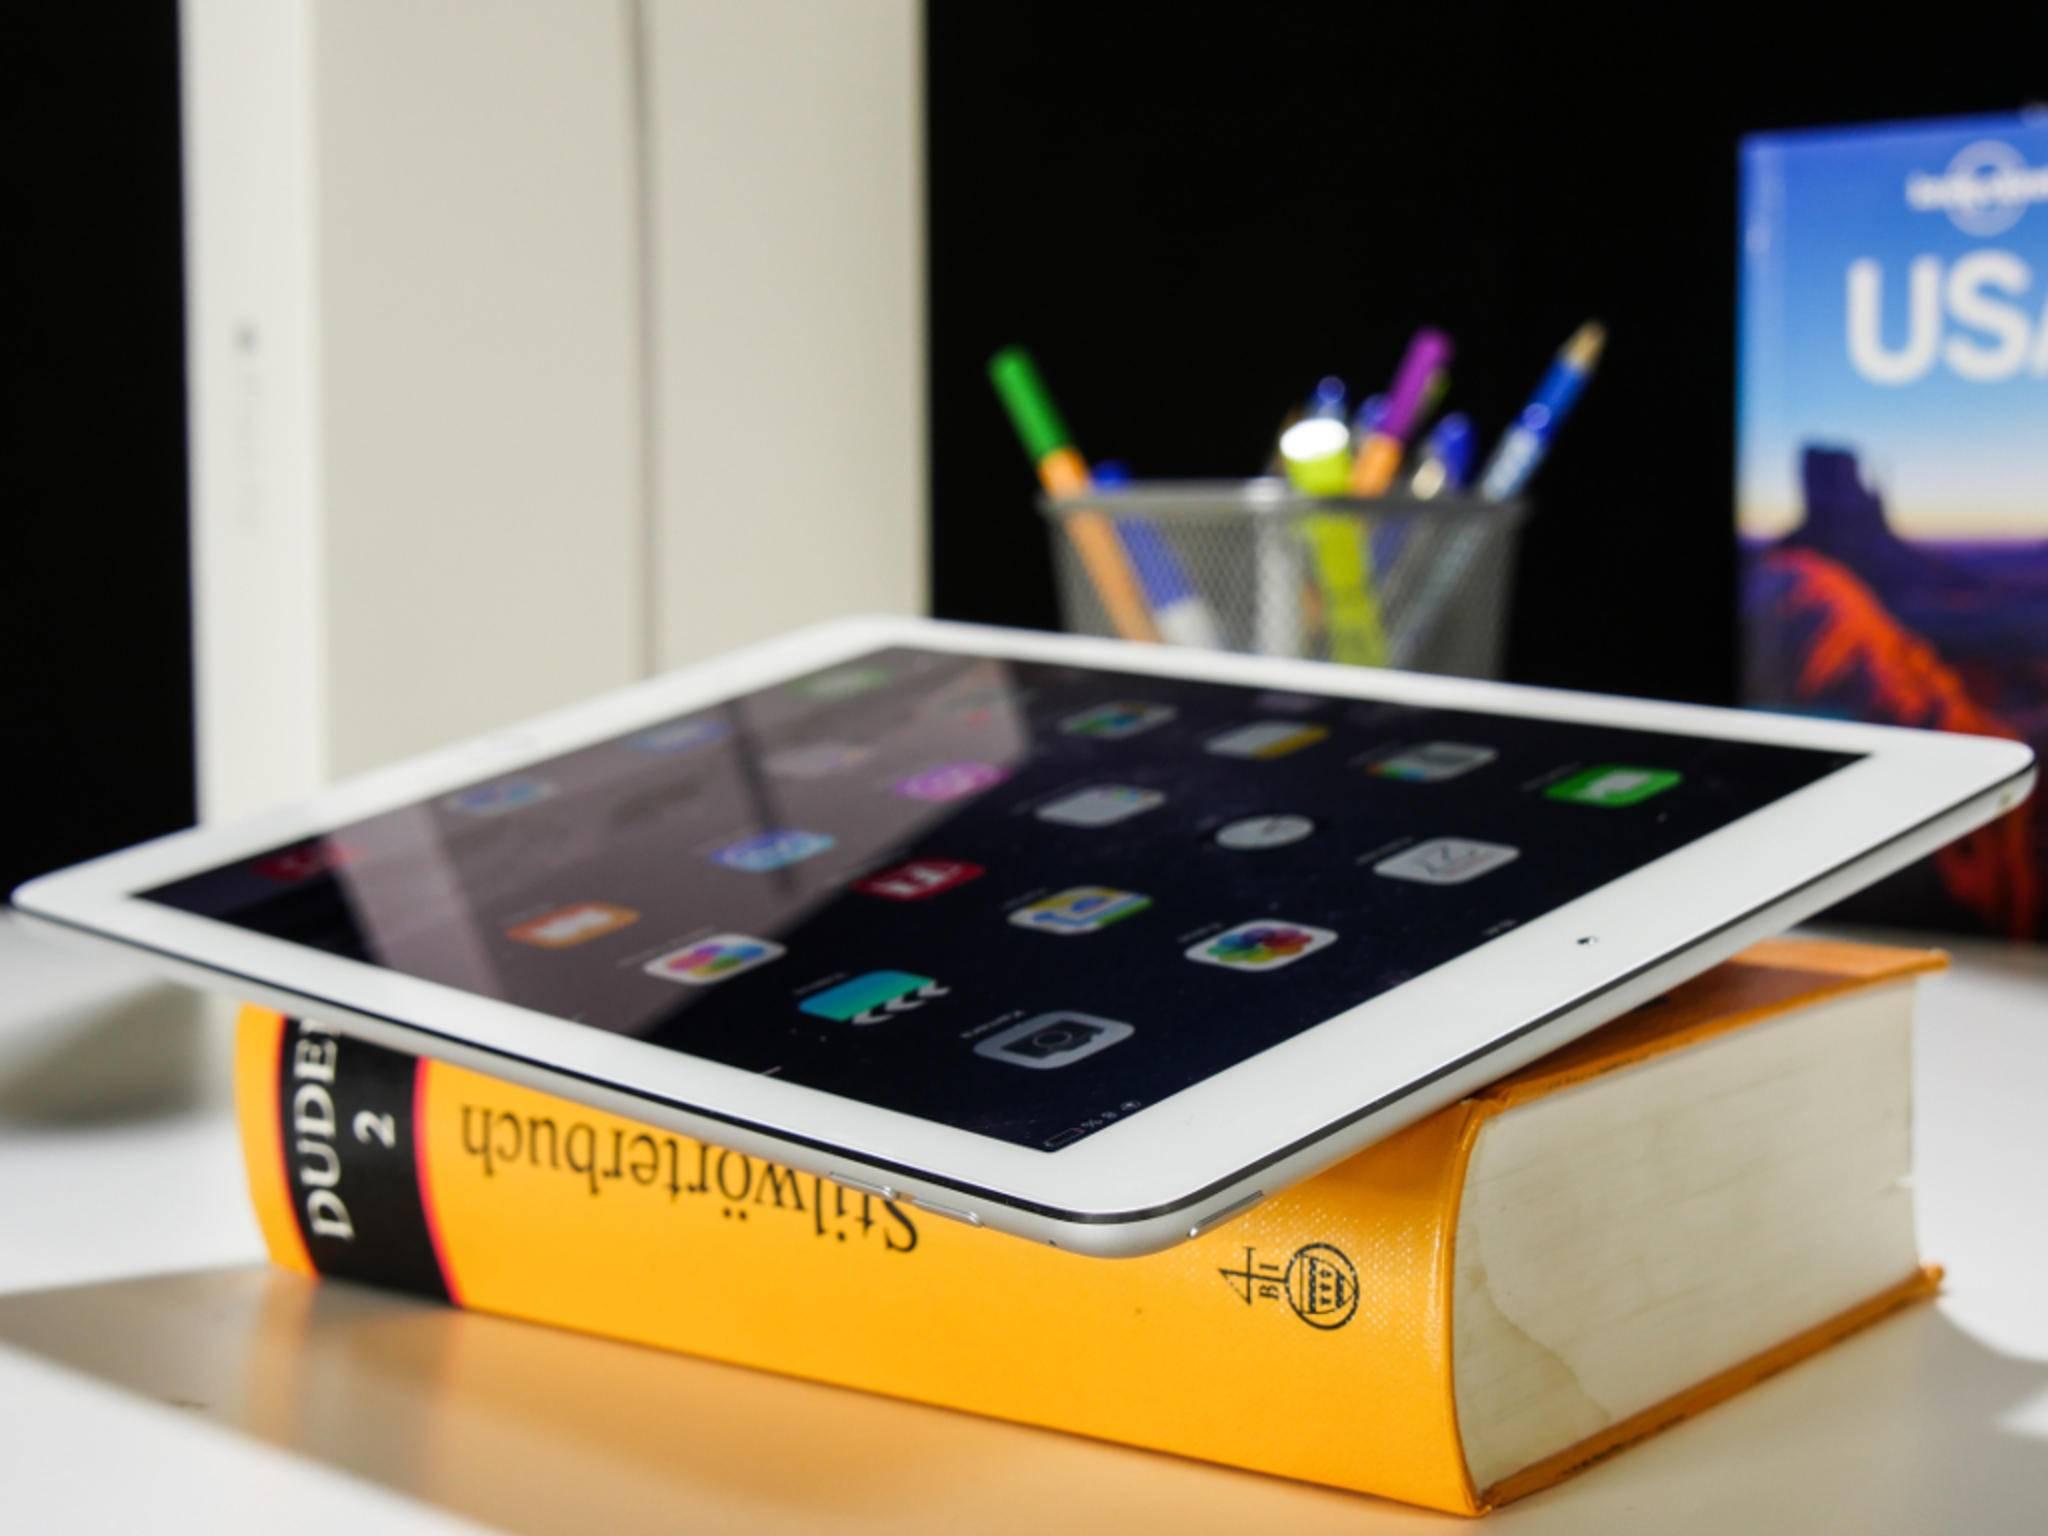 Für einen großen Akku war im iPad Air 2 leider kein Platz mehr.